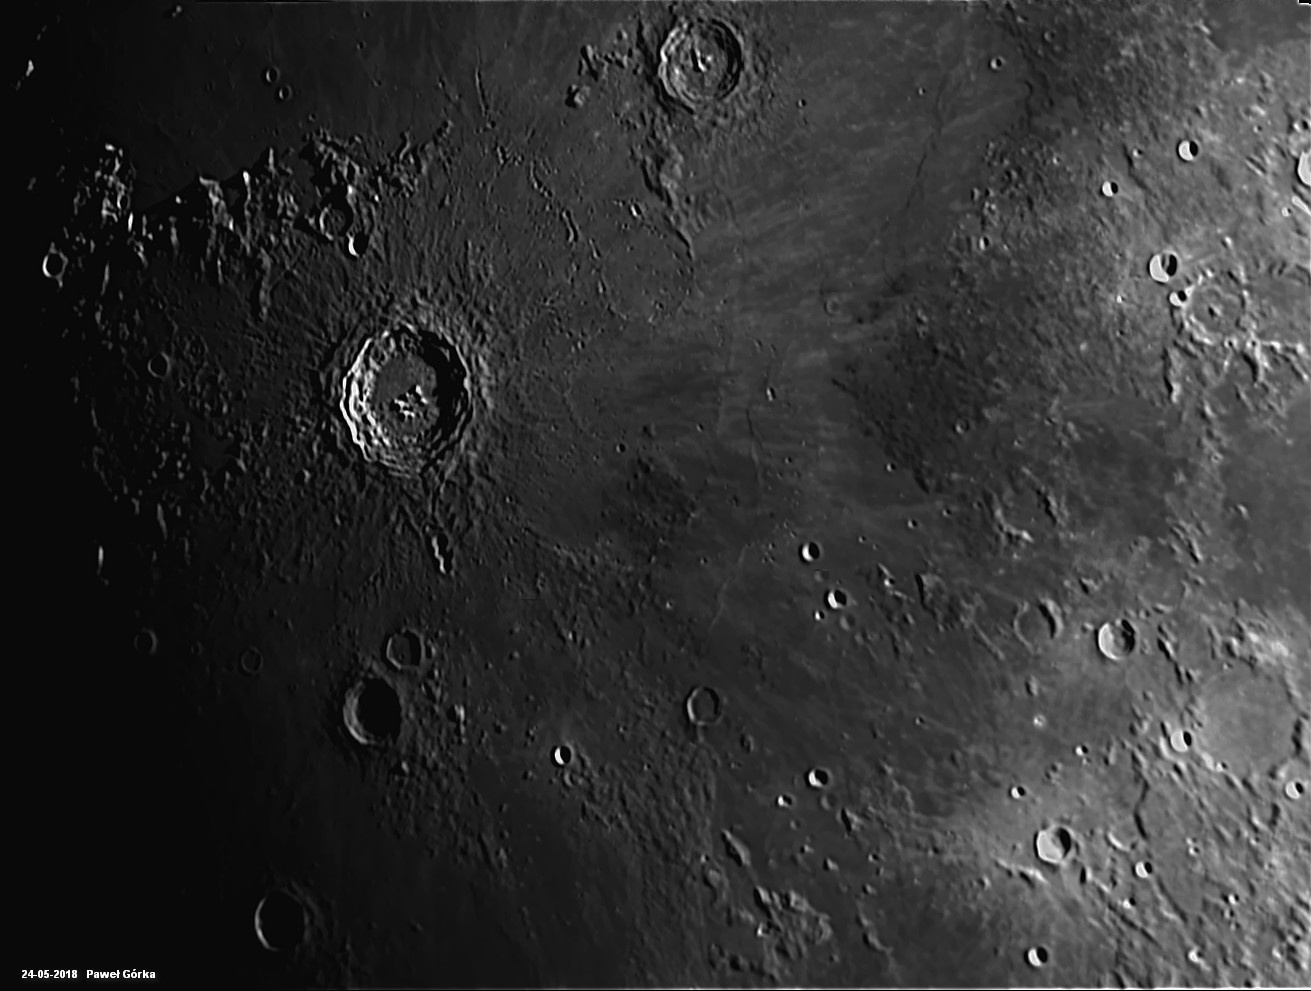 Moon_225804_pipp_g3_ap14 stack_8 - Kopia.jpg